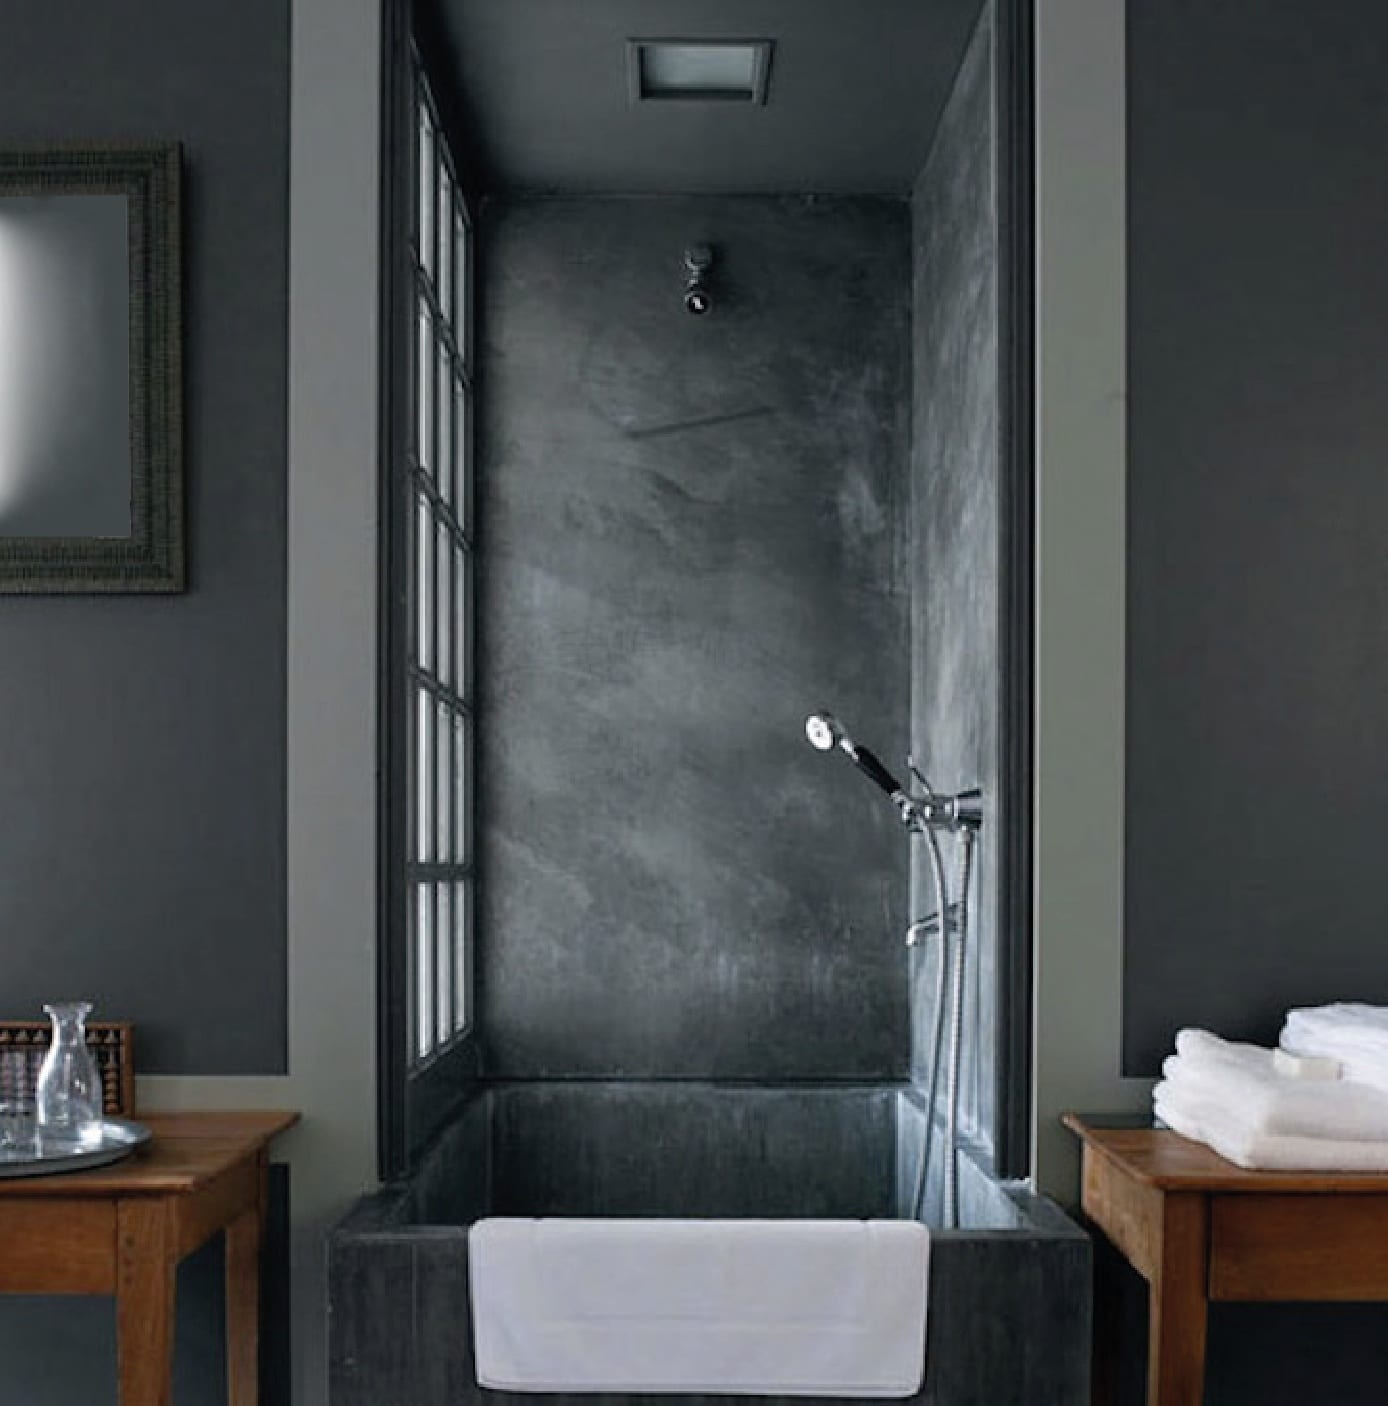 kleines badezimmer mit badewanne aus beton in nische mit fenster